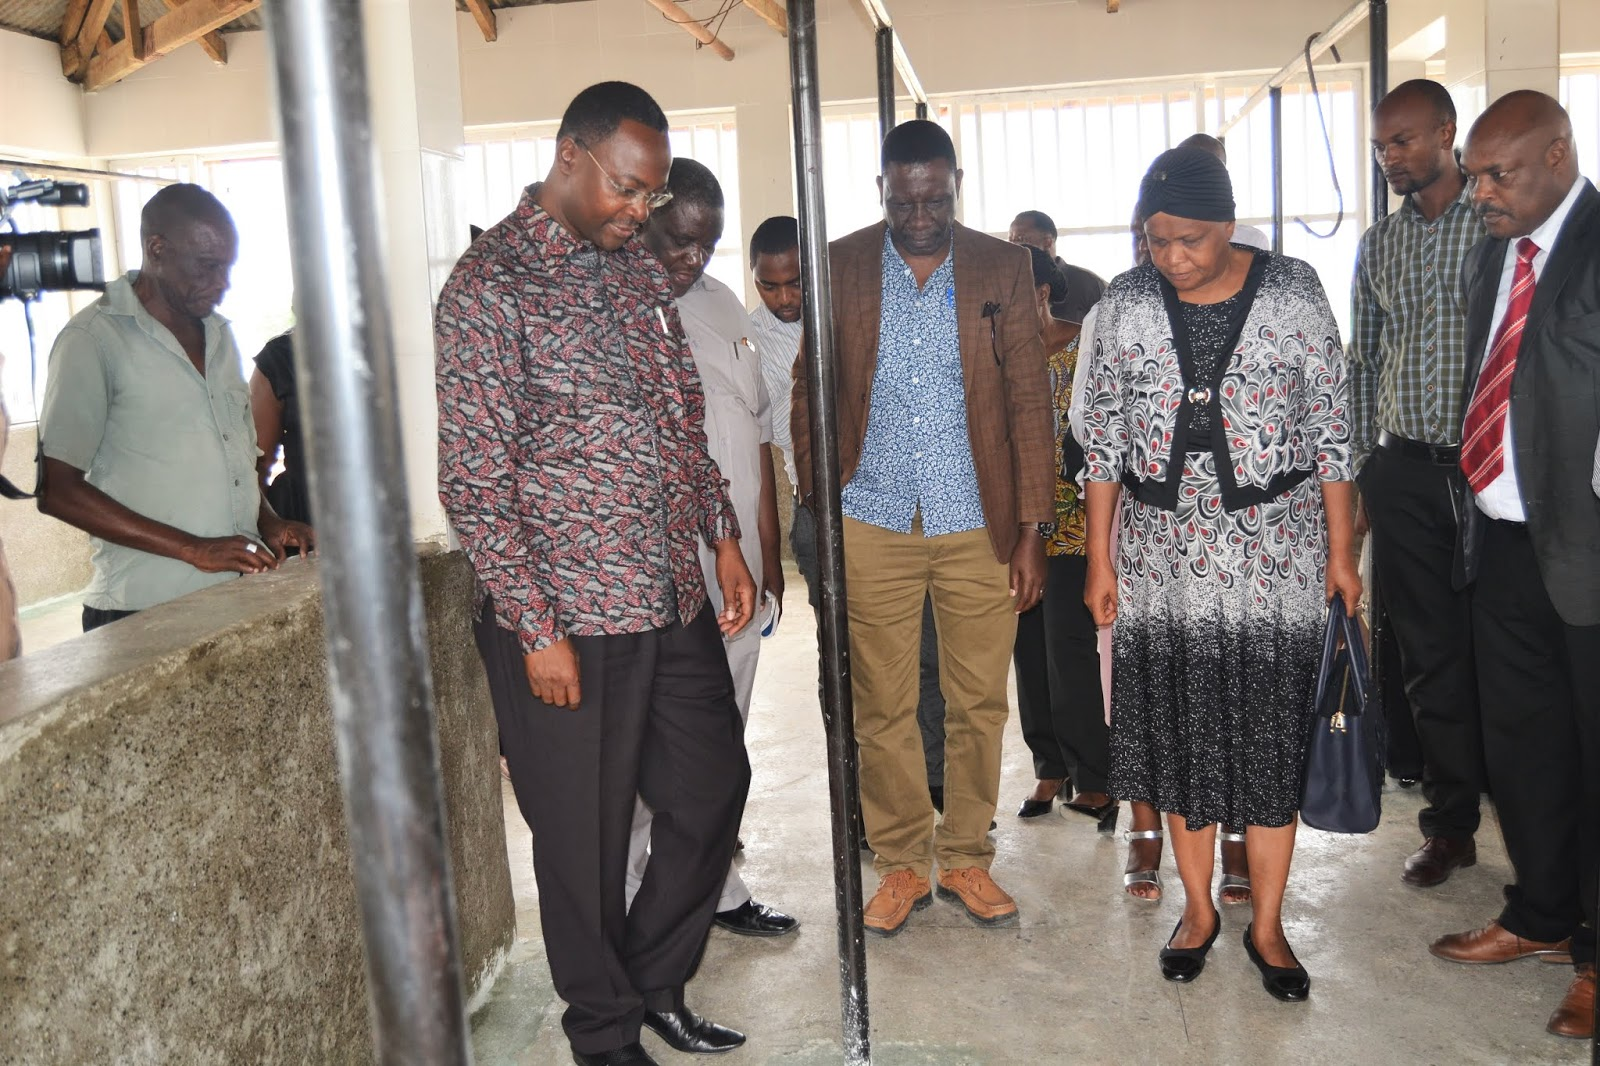 Simbachawene Agoma Kufungua Machinjio Ya Msalato jijini Dodoma